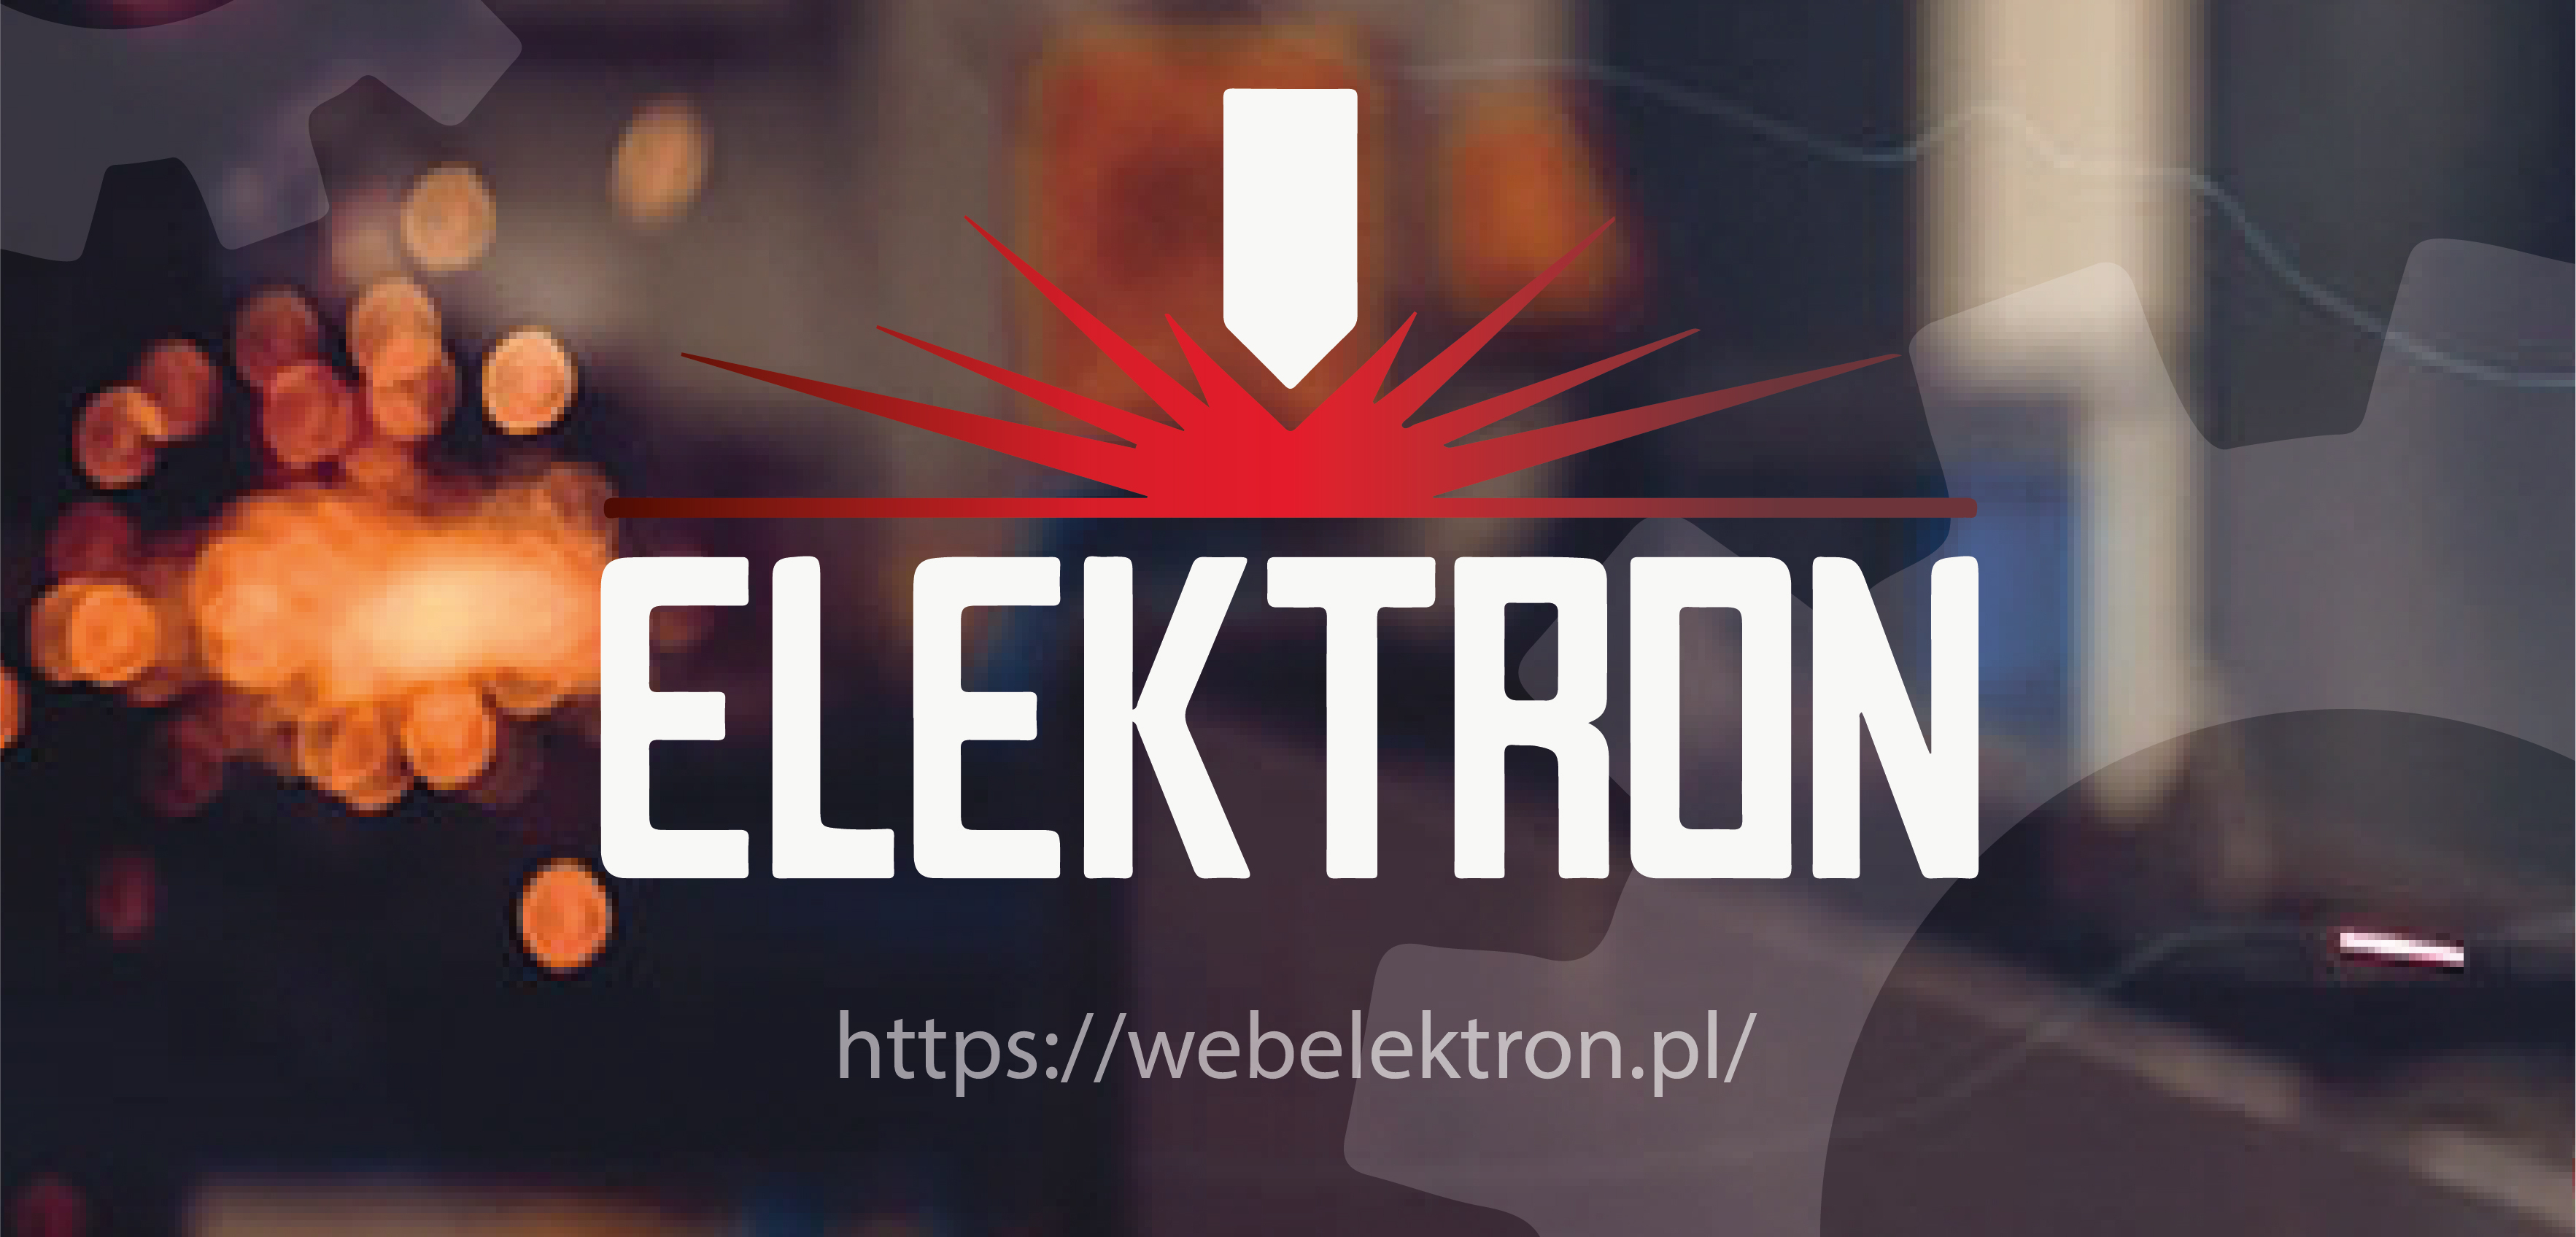 Firma Produkcyjno-Usługowa Elektron sp. z o.o. sp. k.